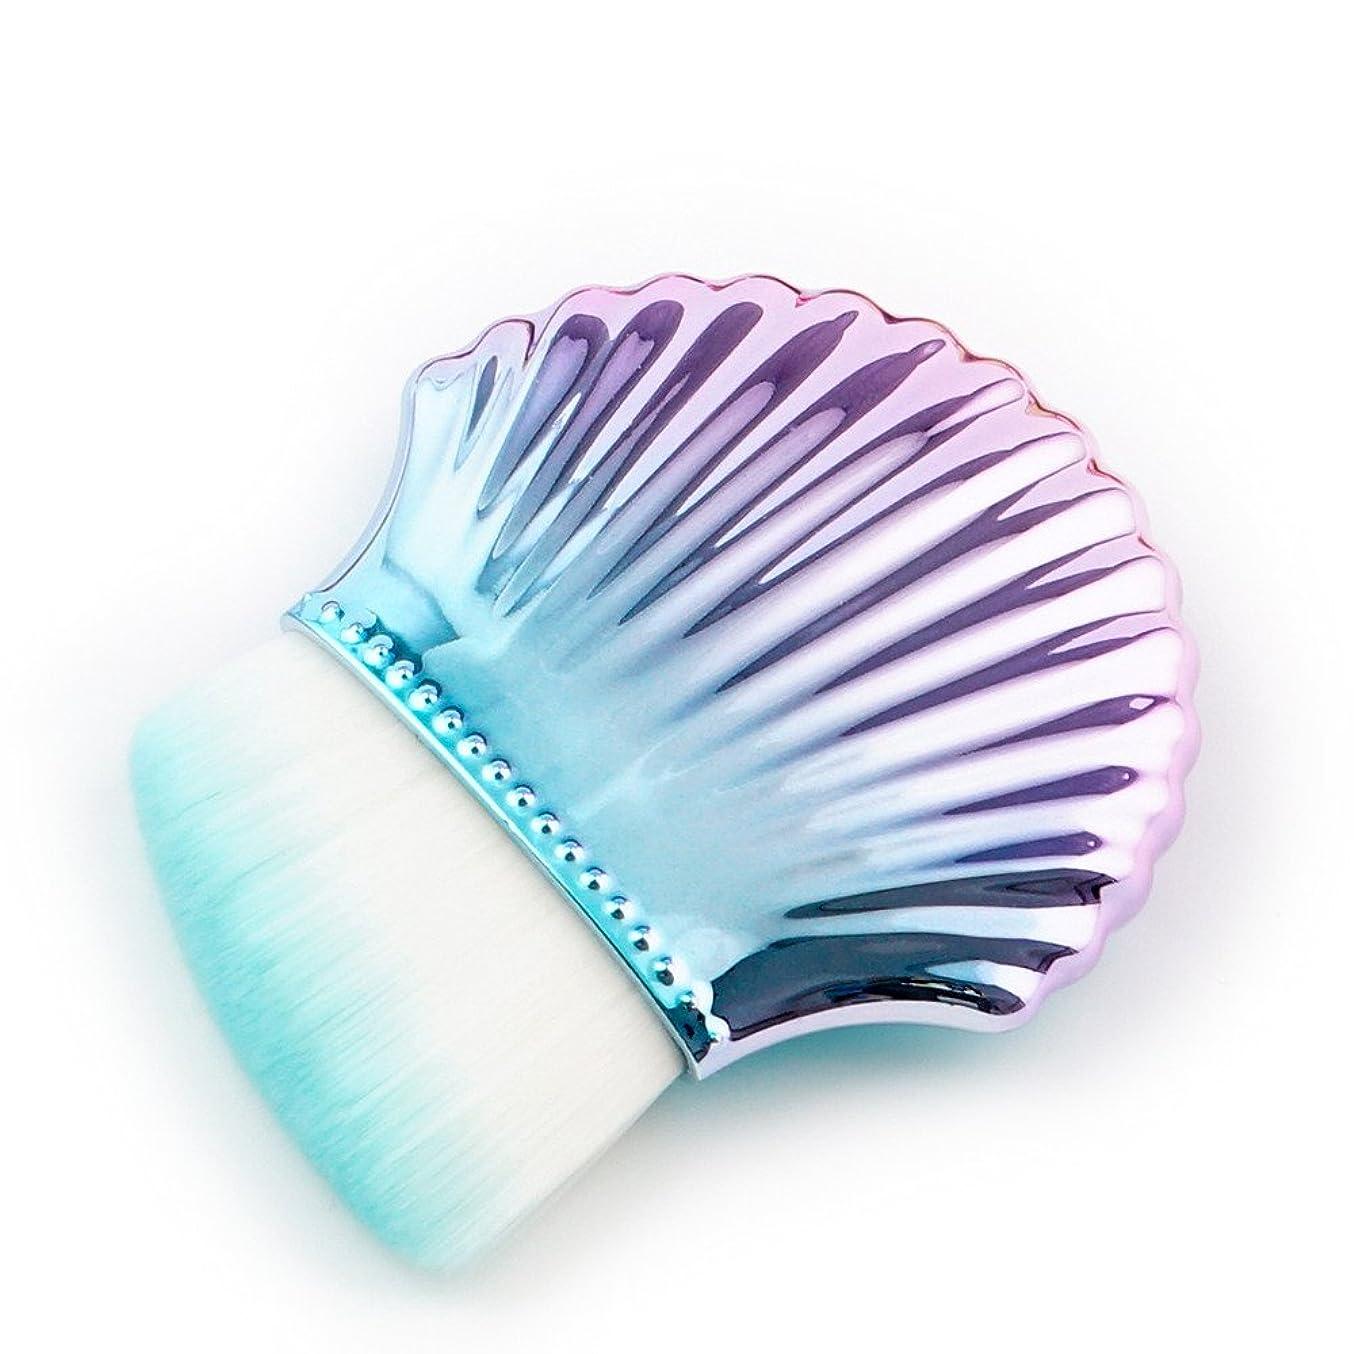 スイ調べる本当のことを言うと(プタス)Putars メイクブラシ ファンデーションブラシ 貝模様 水色 化粧ブラシ ふわふわ お肌に優しい 毛量たっぷり メイク道具 プレゼント